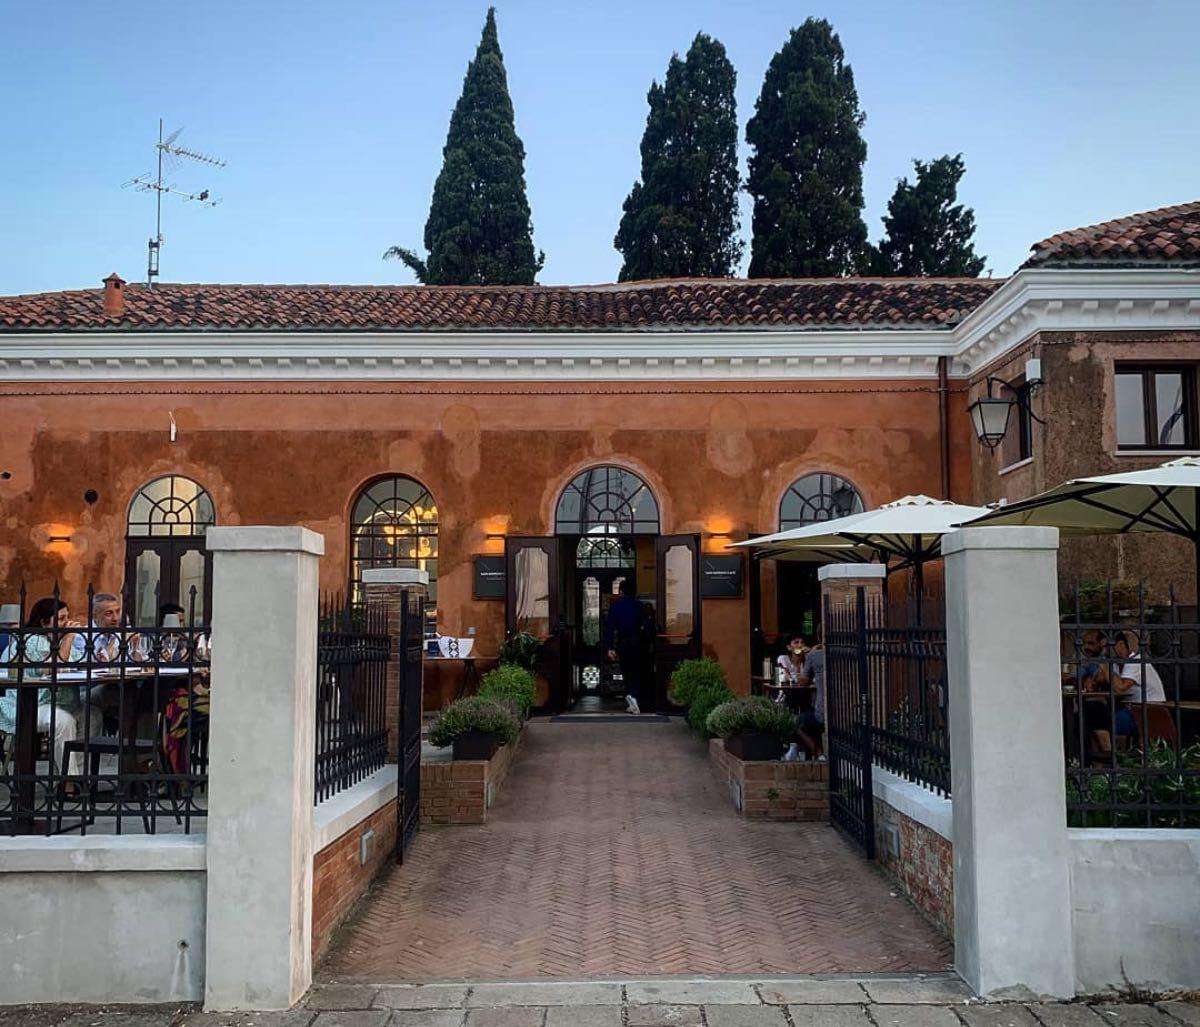 San Giorgio Cafè - mangiare a Venezia all'aperto